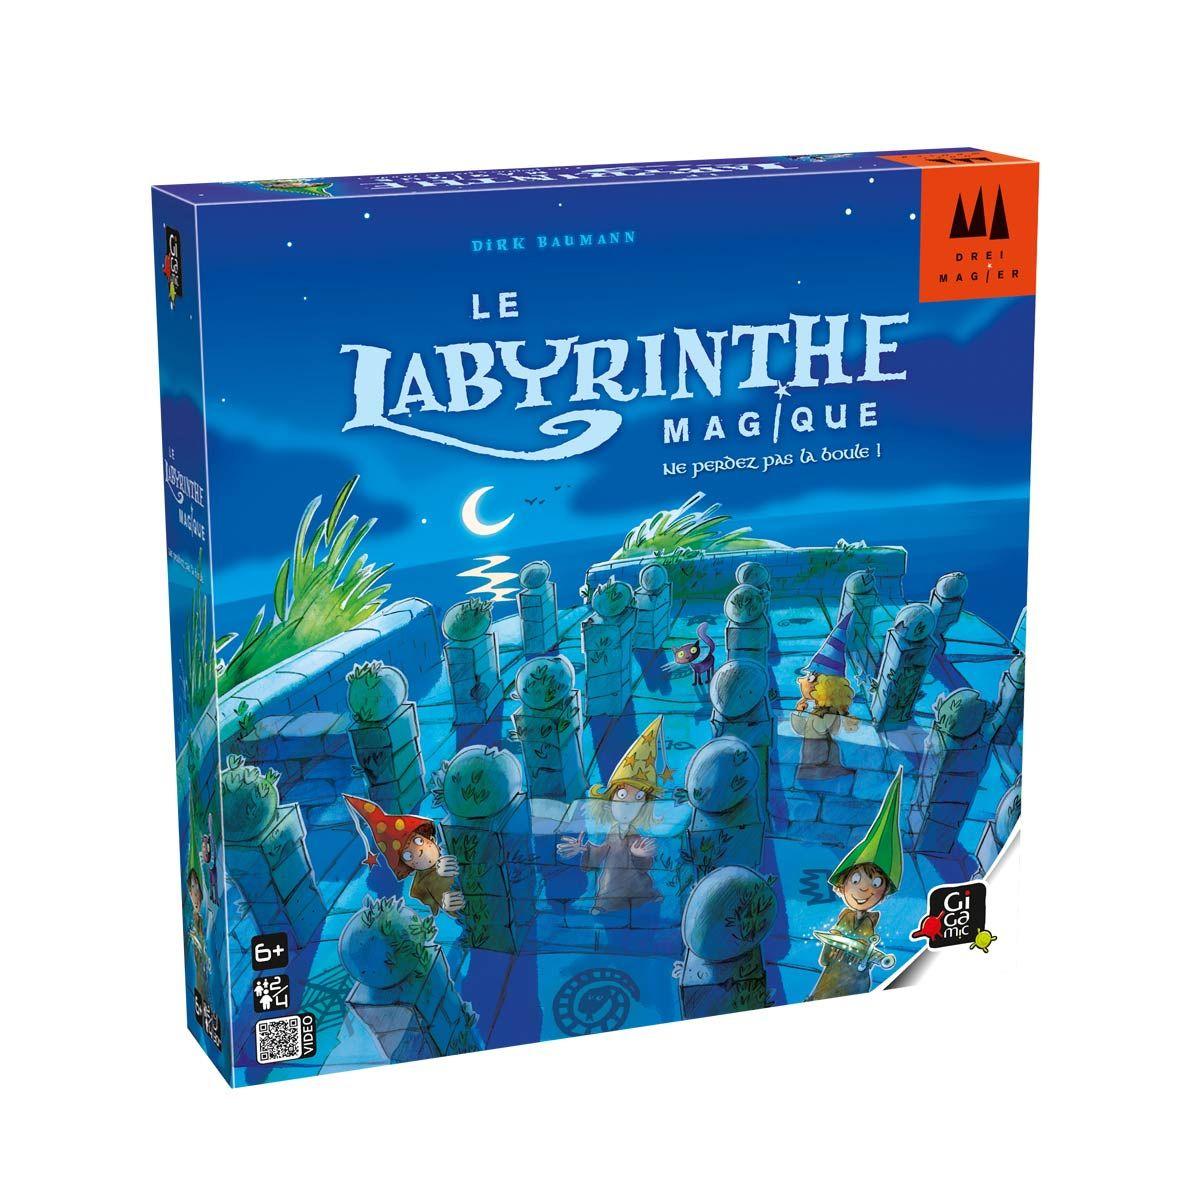 Jeu De Société Le Labyrinthe Magique Gigamic | Jeux De à Jeux Societe Enfant 6 Ans